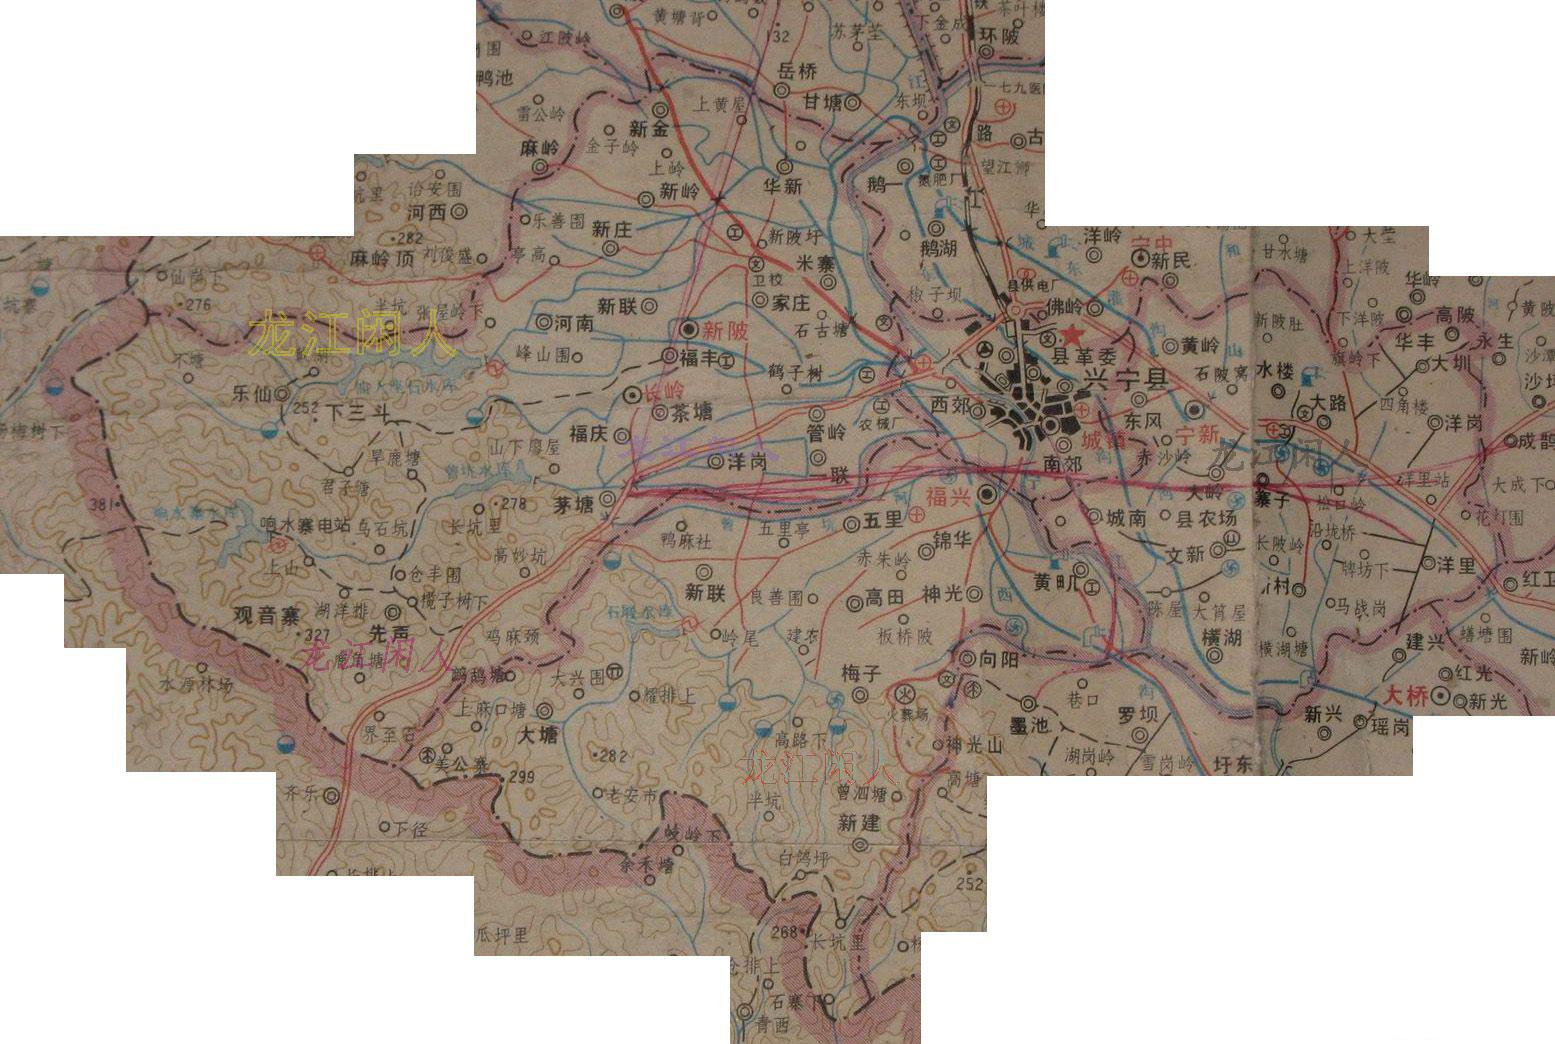 [原创]乡镇地图:县城新陂宁中石马永和 - 兴宁掌故